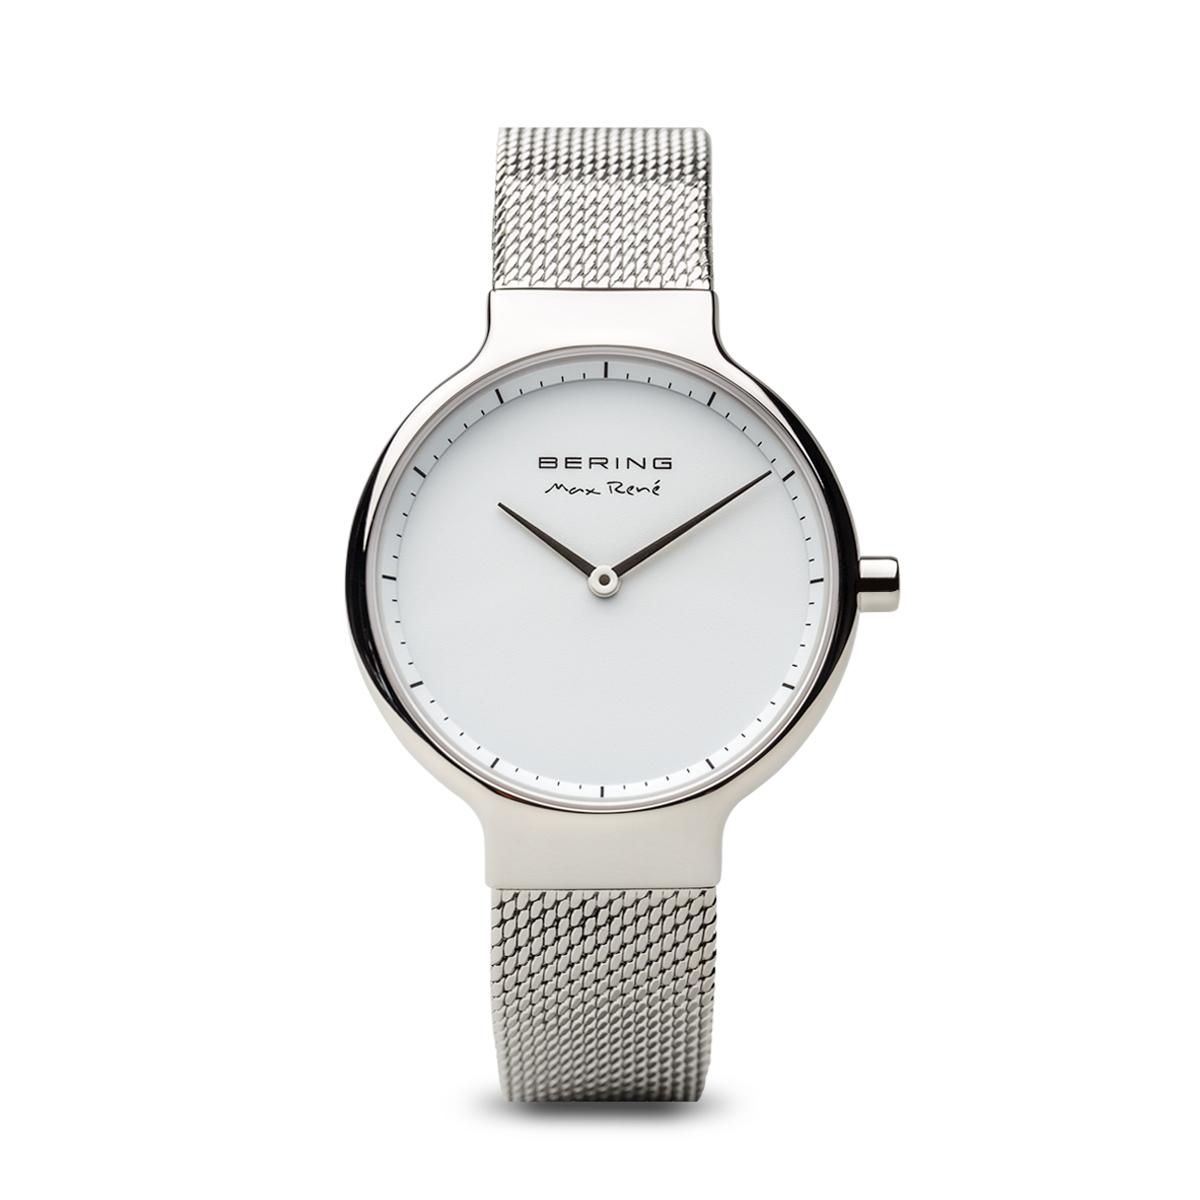 שעון ברינג דגם BERING 15531-004